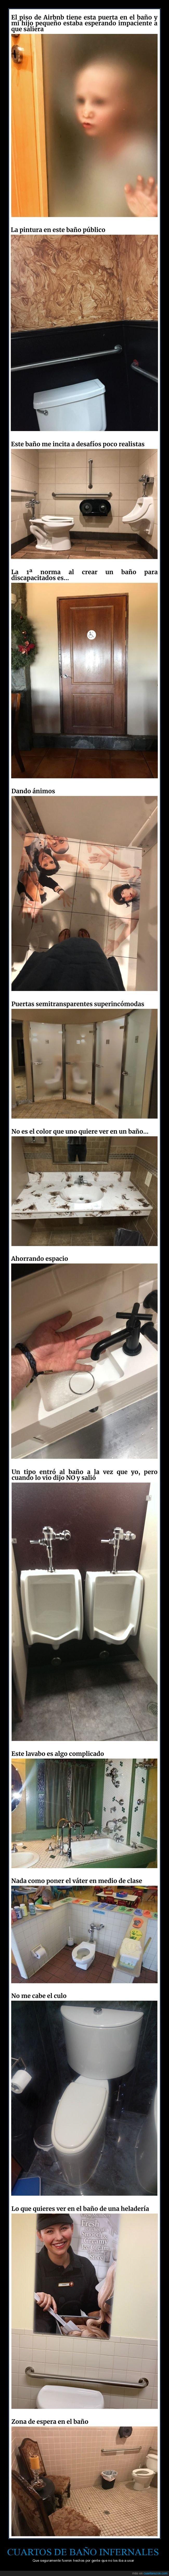 aseos,cuartos de baños,fails